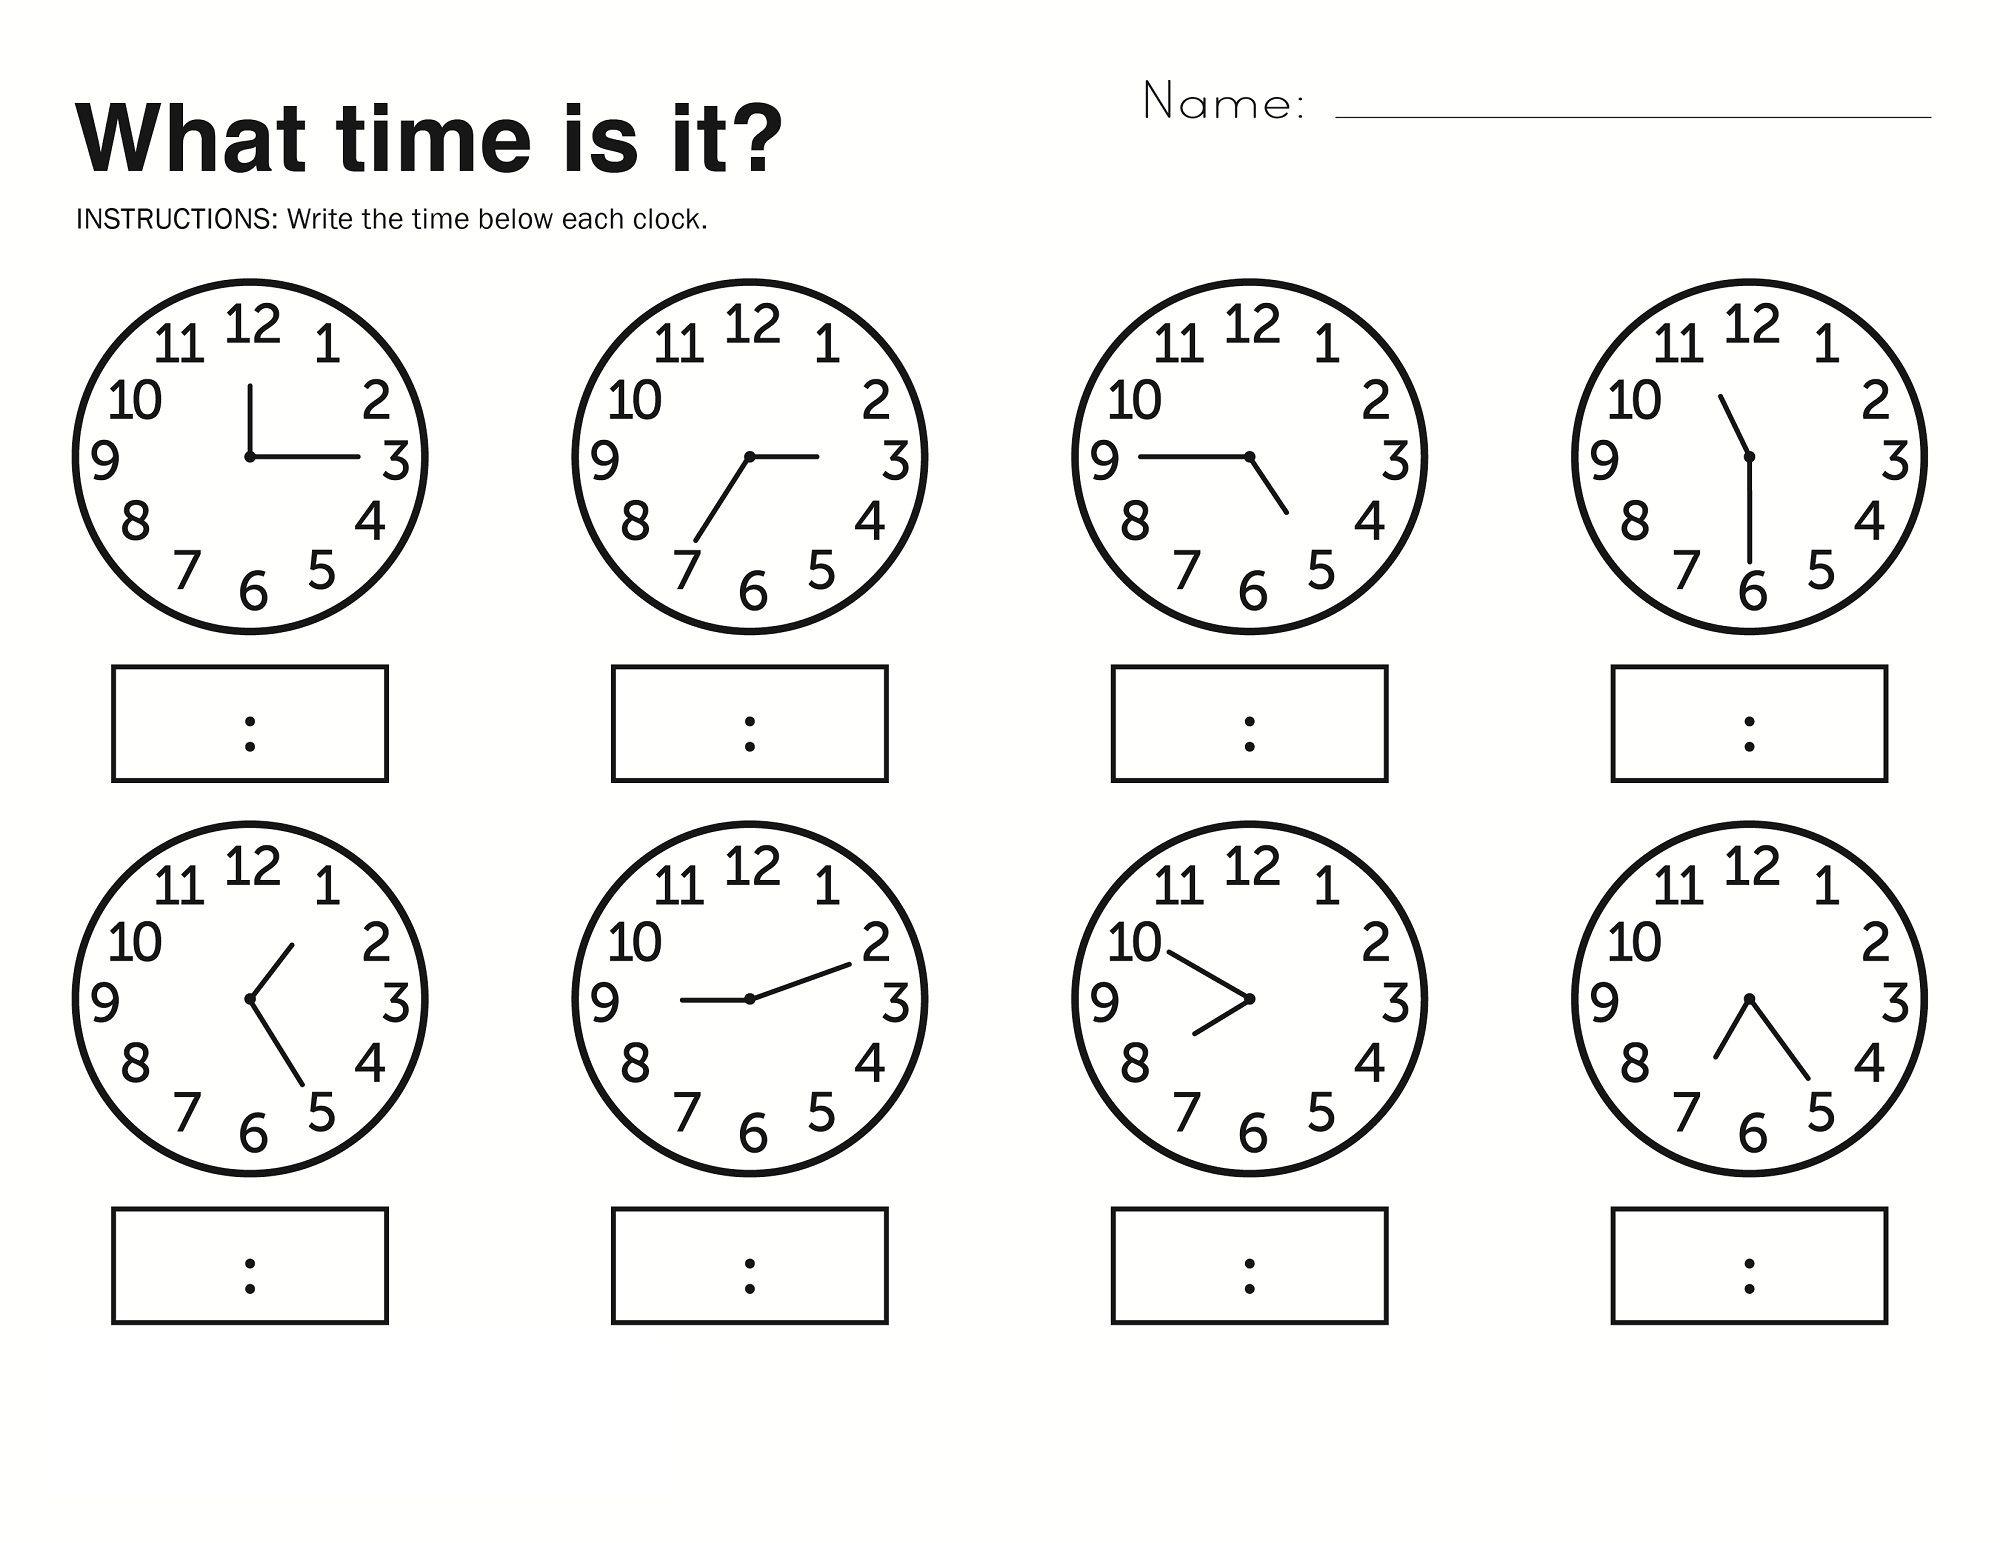 Time Elapsed Worksheets to Print | Kids Worksheets Printable ...